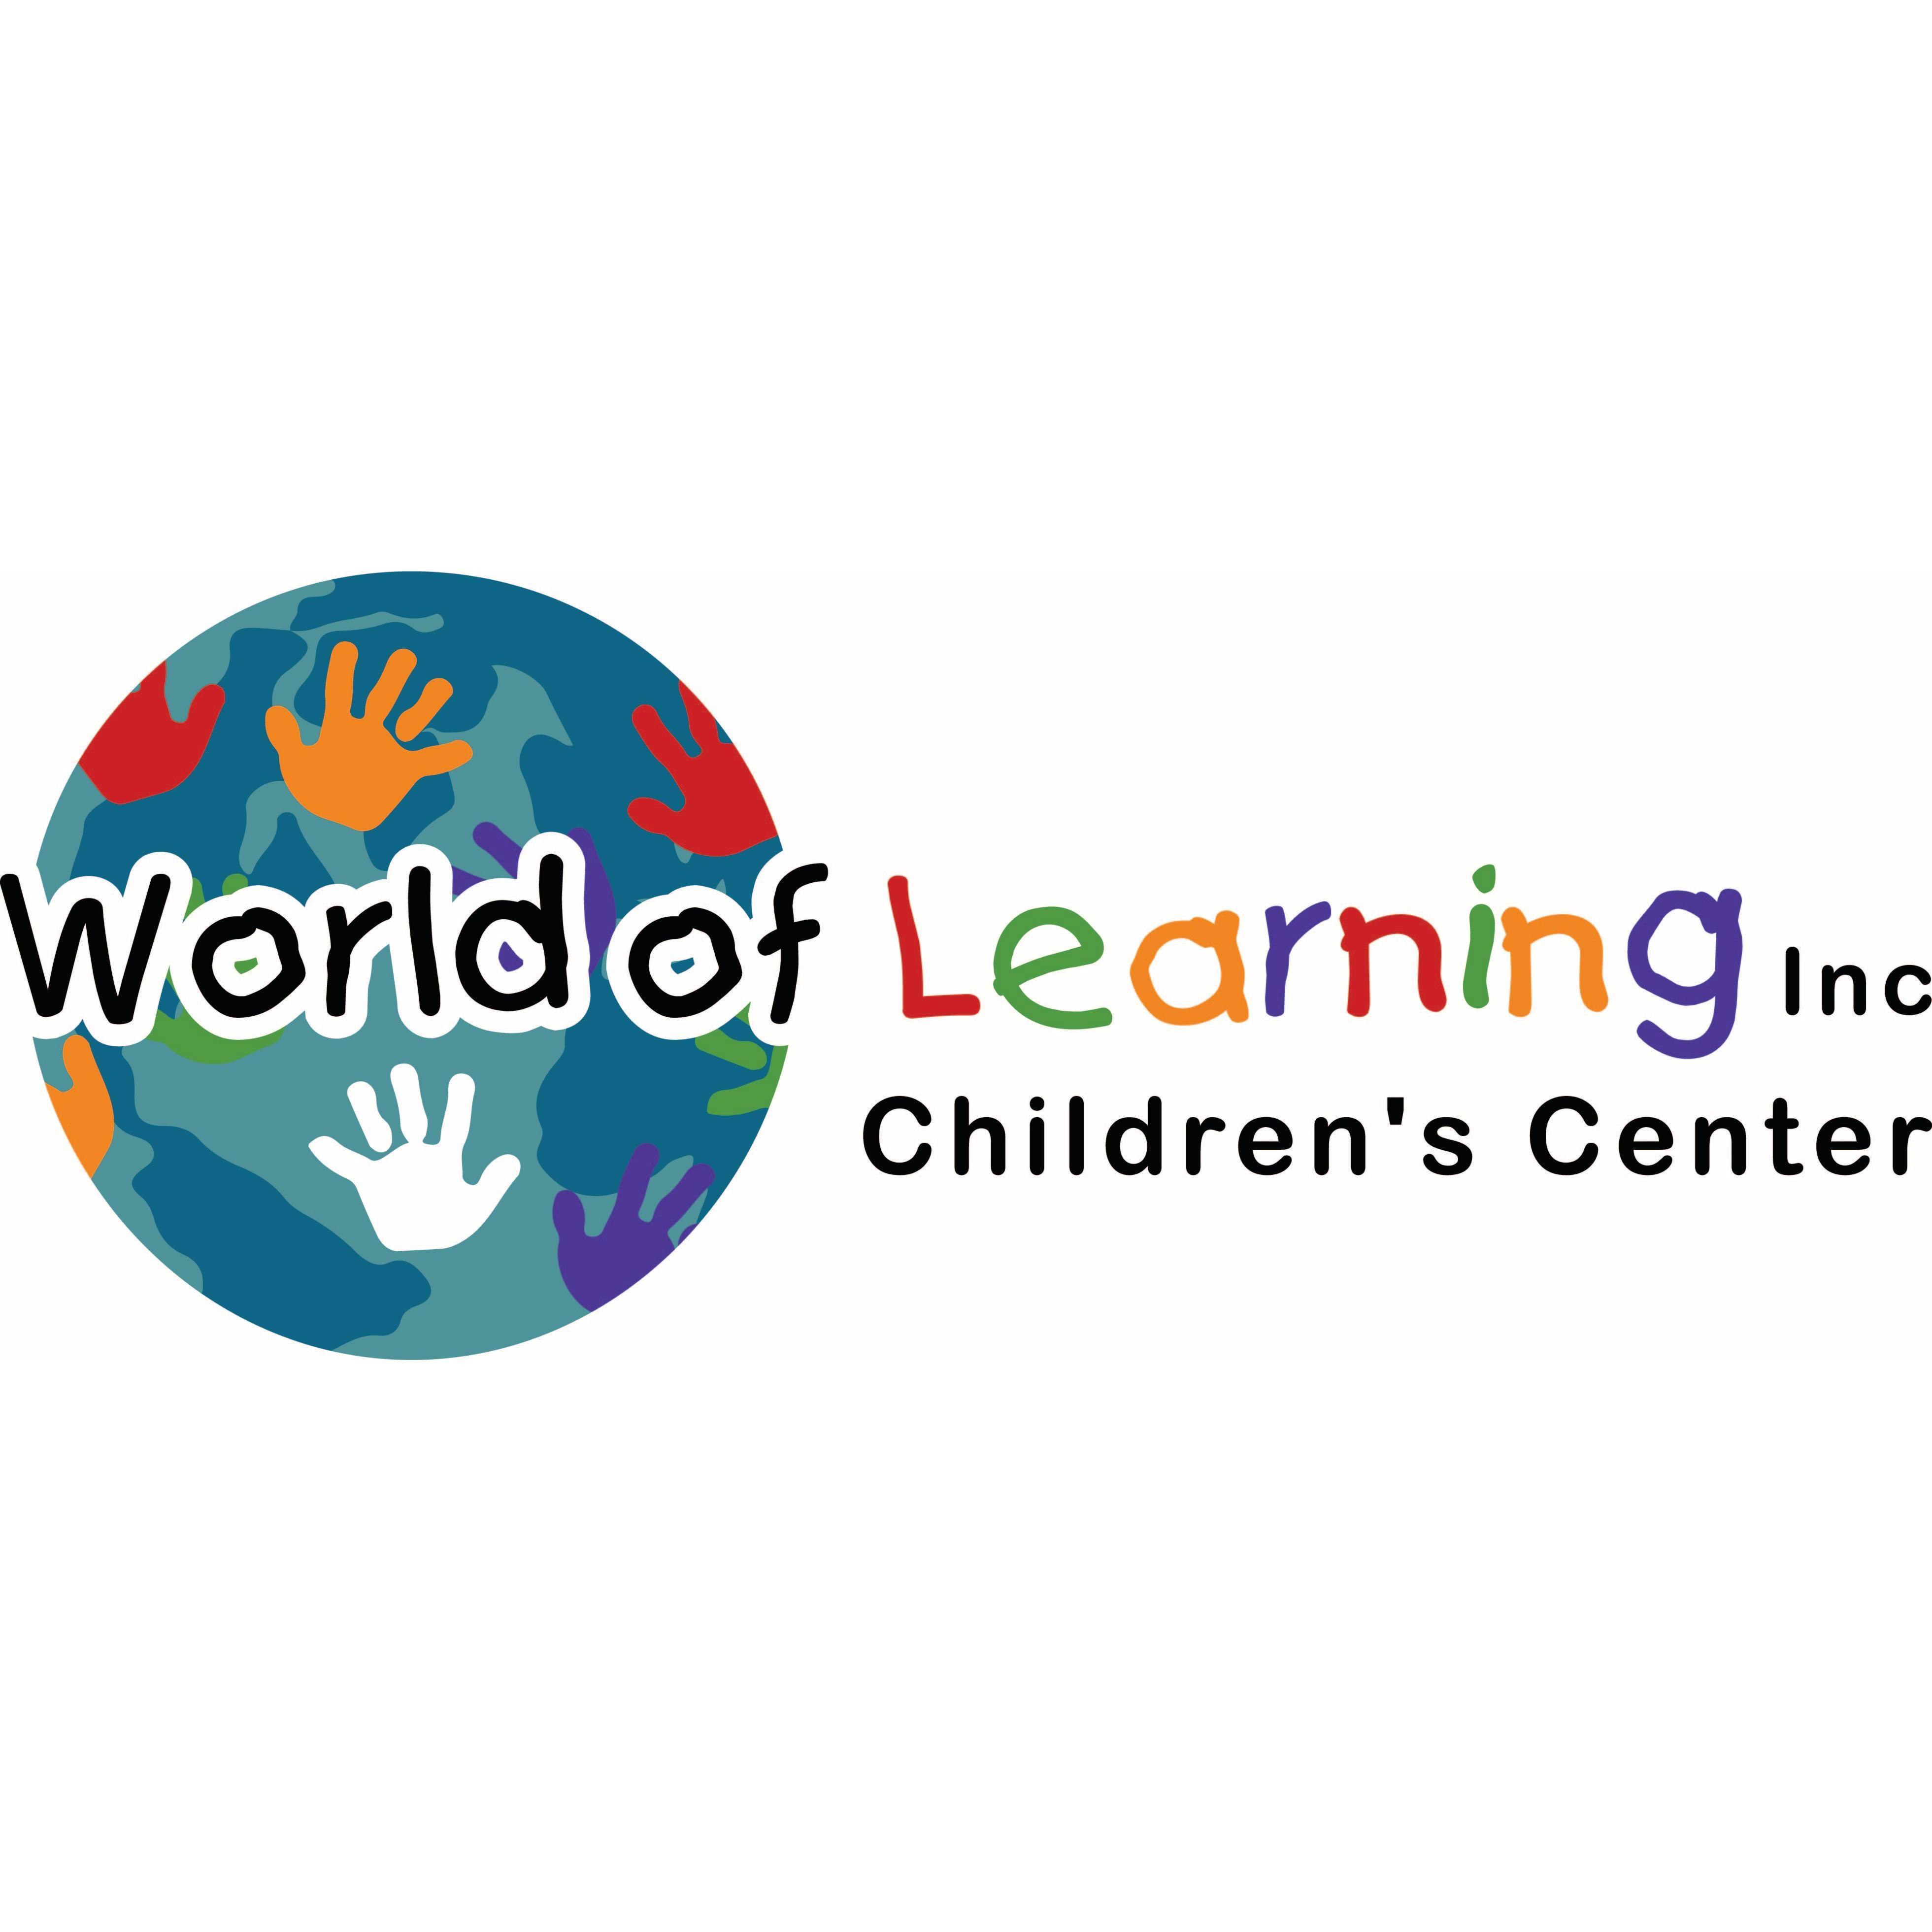 World of Learning Children's Center